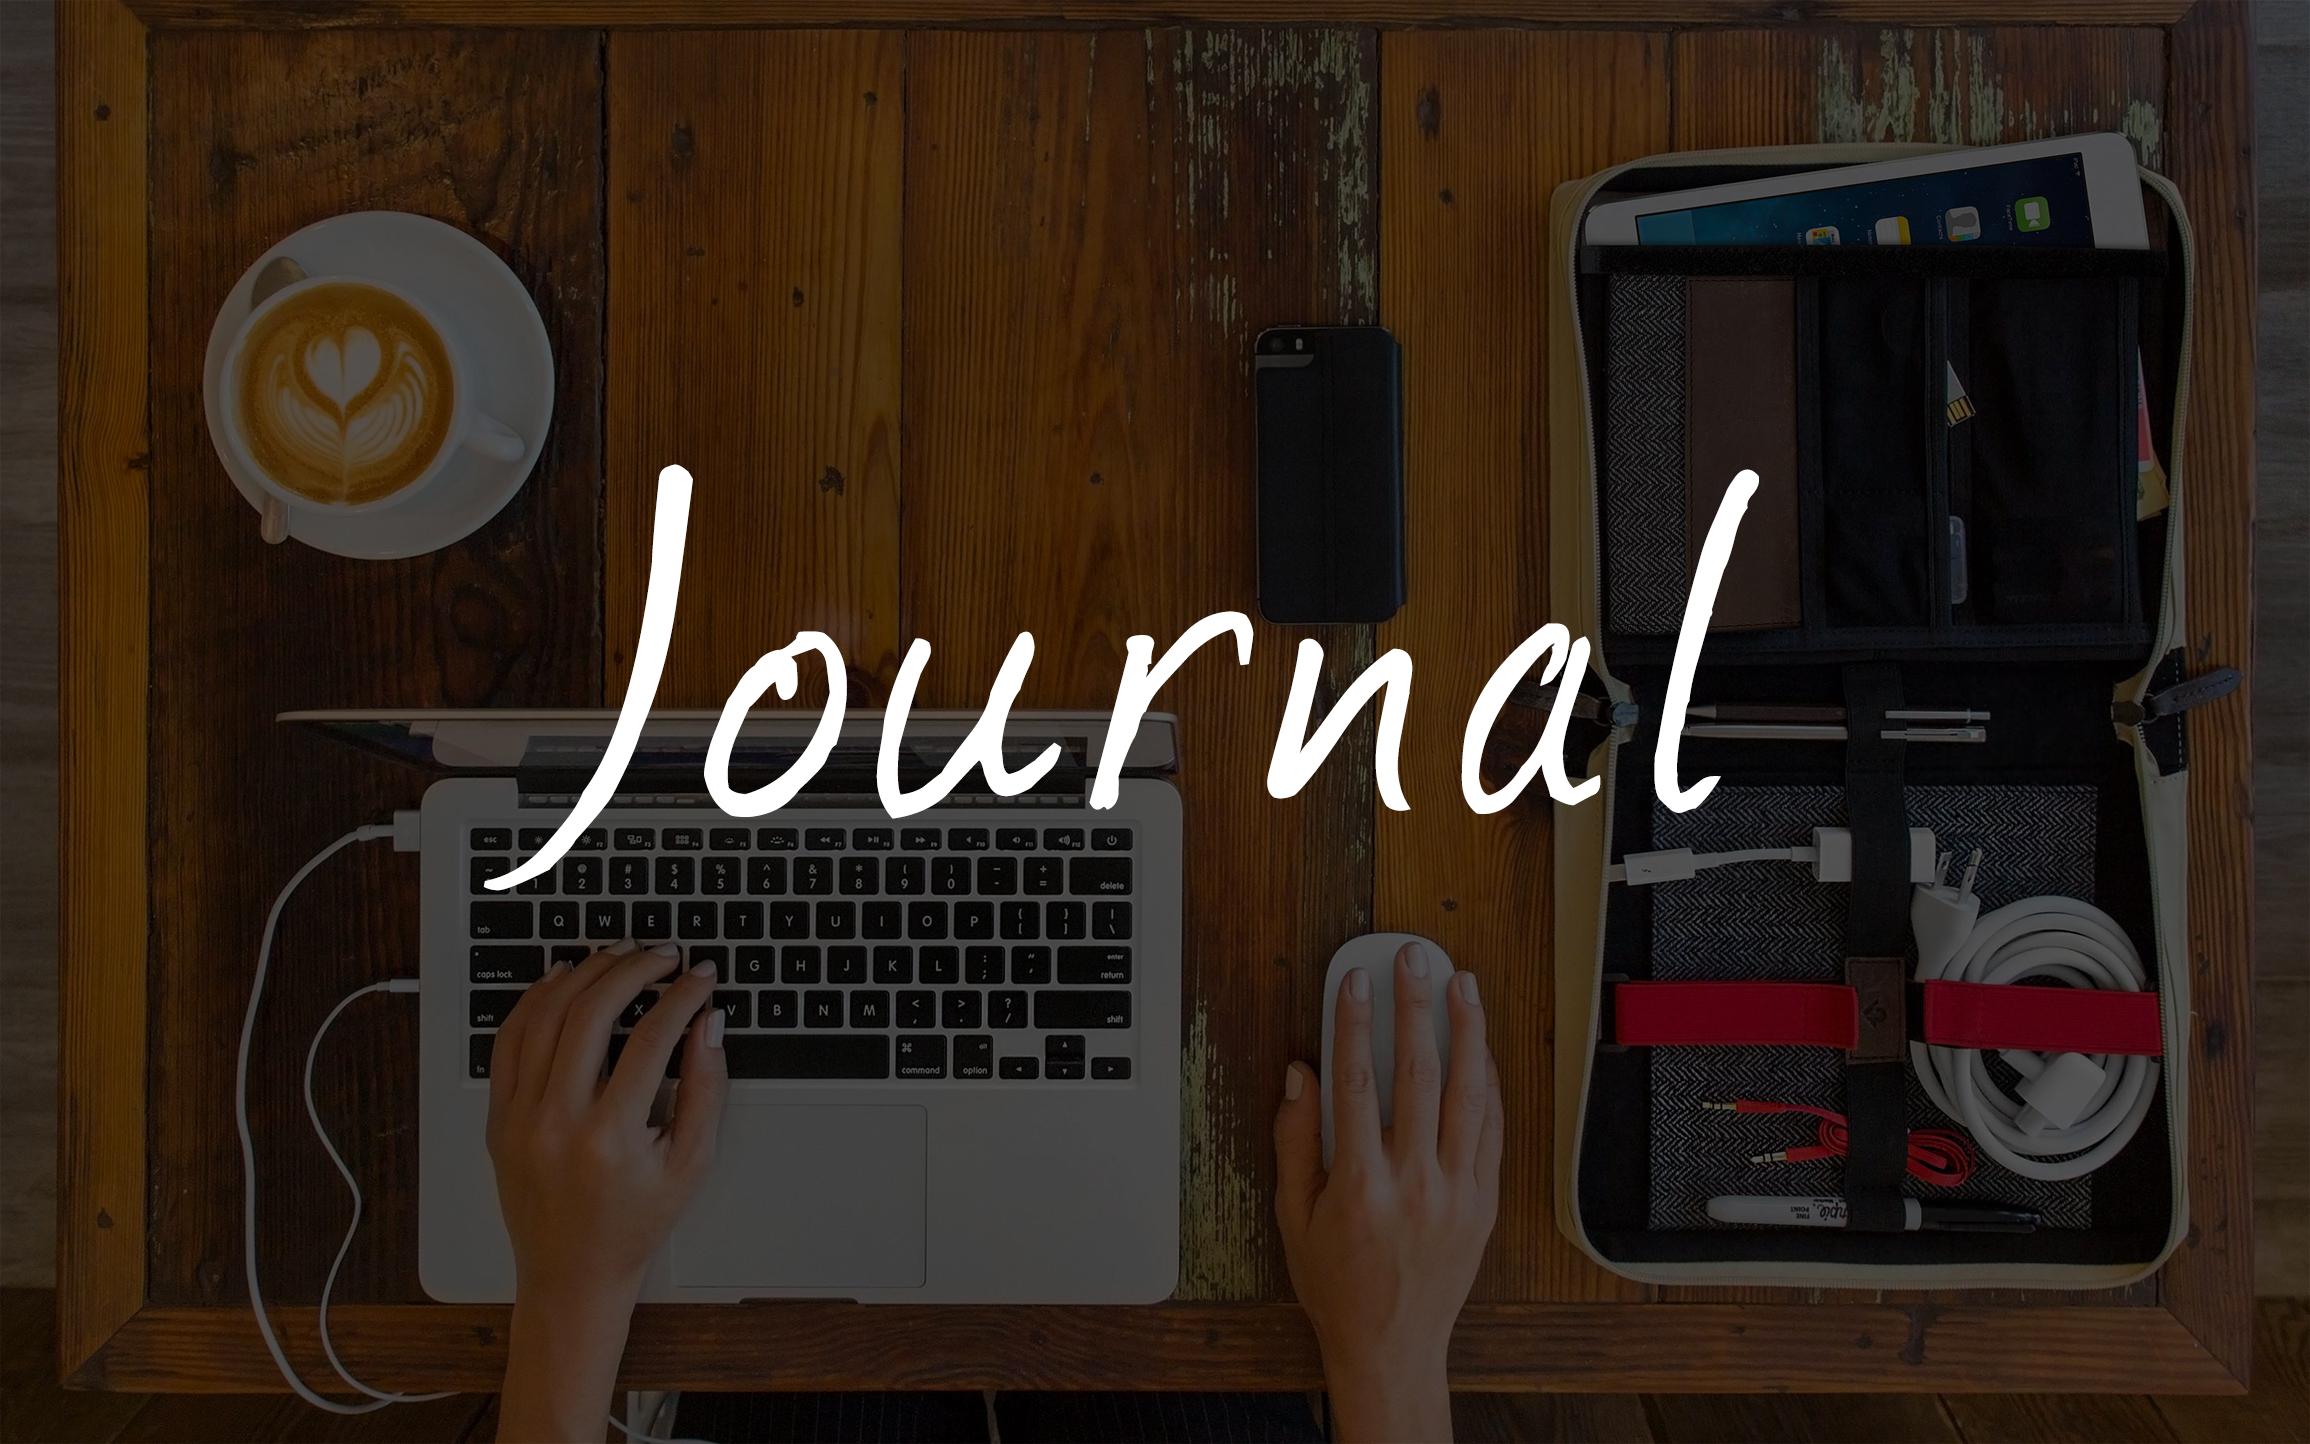 free-journal-el-yazisi-fontu